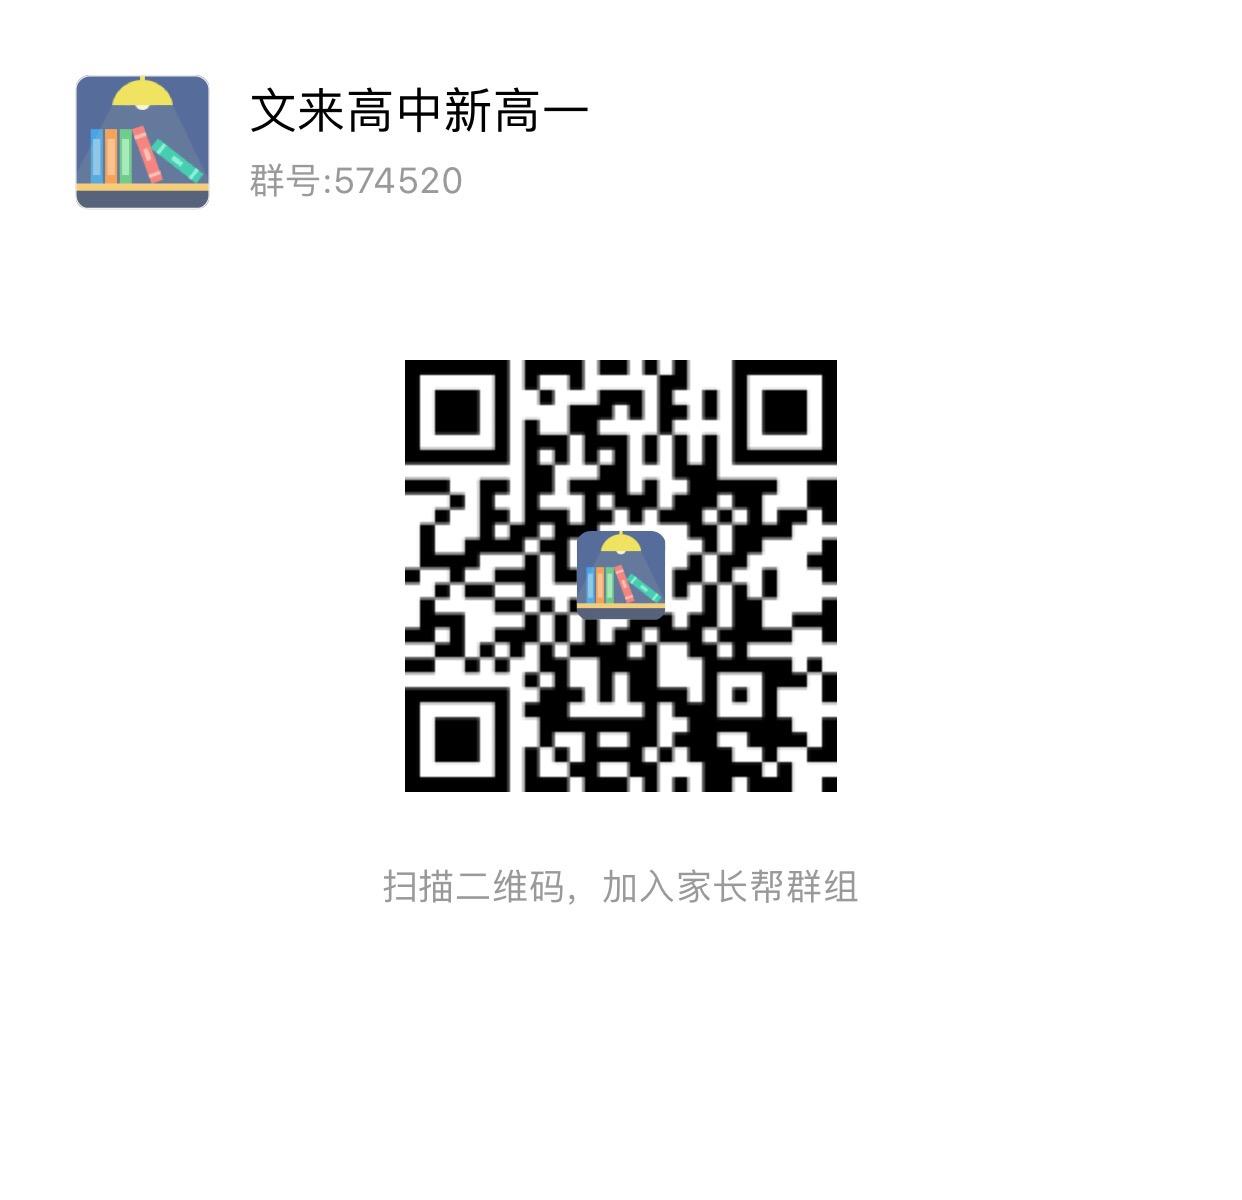 25BA3CB4-32E1-4FF1-992B-B08D513B2FBA.jpg